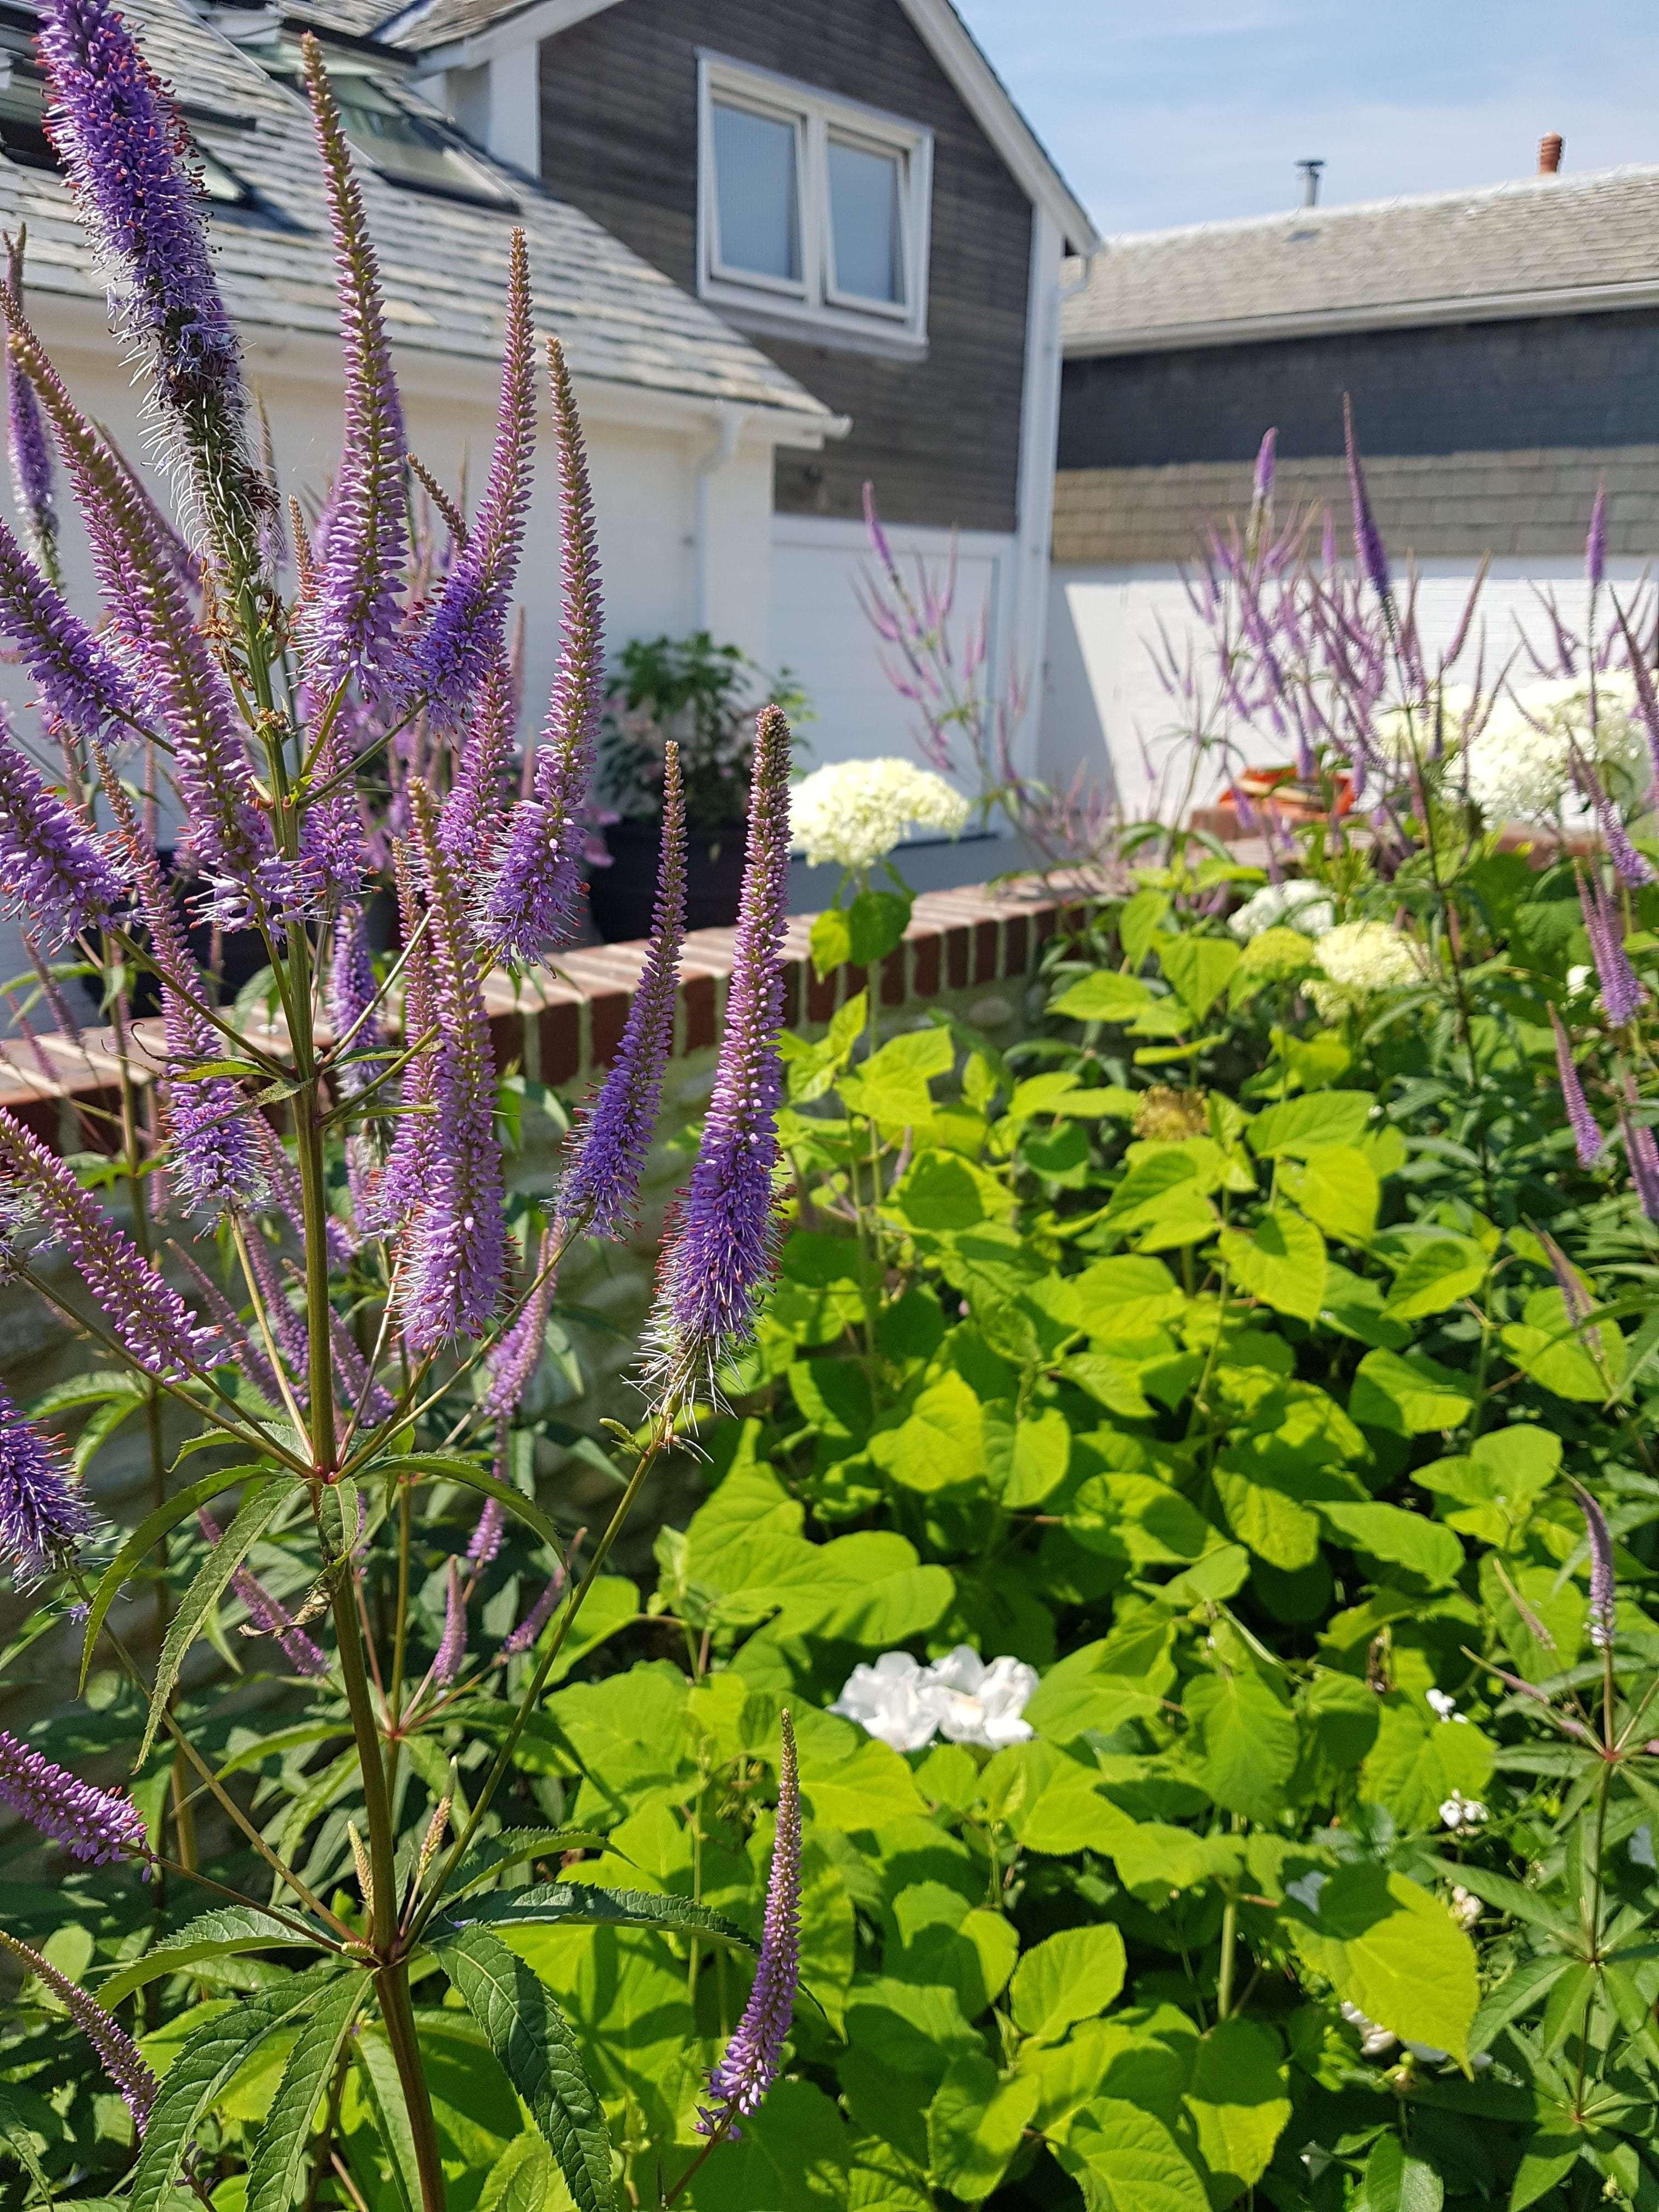 Veronicastrum Perennial